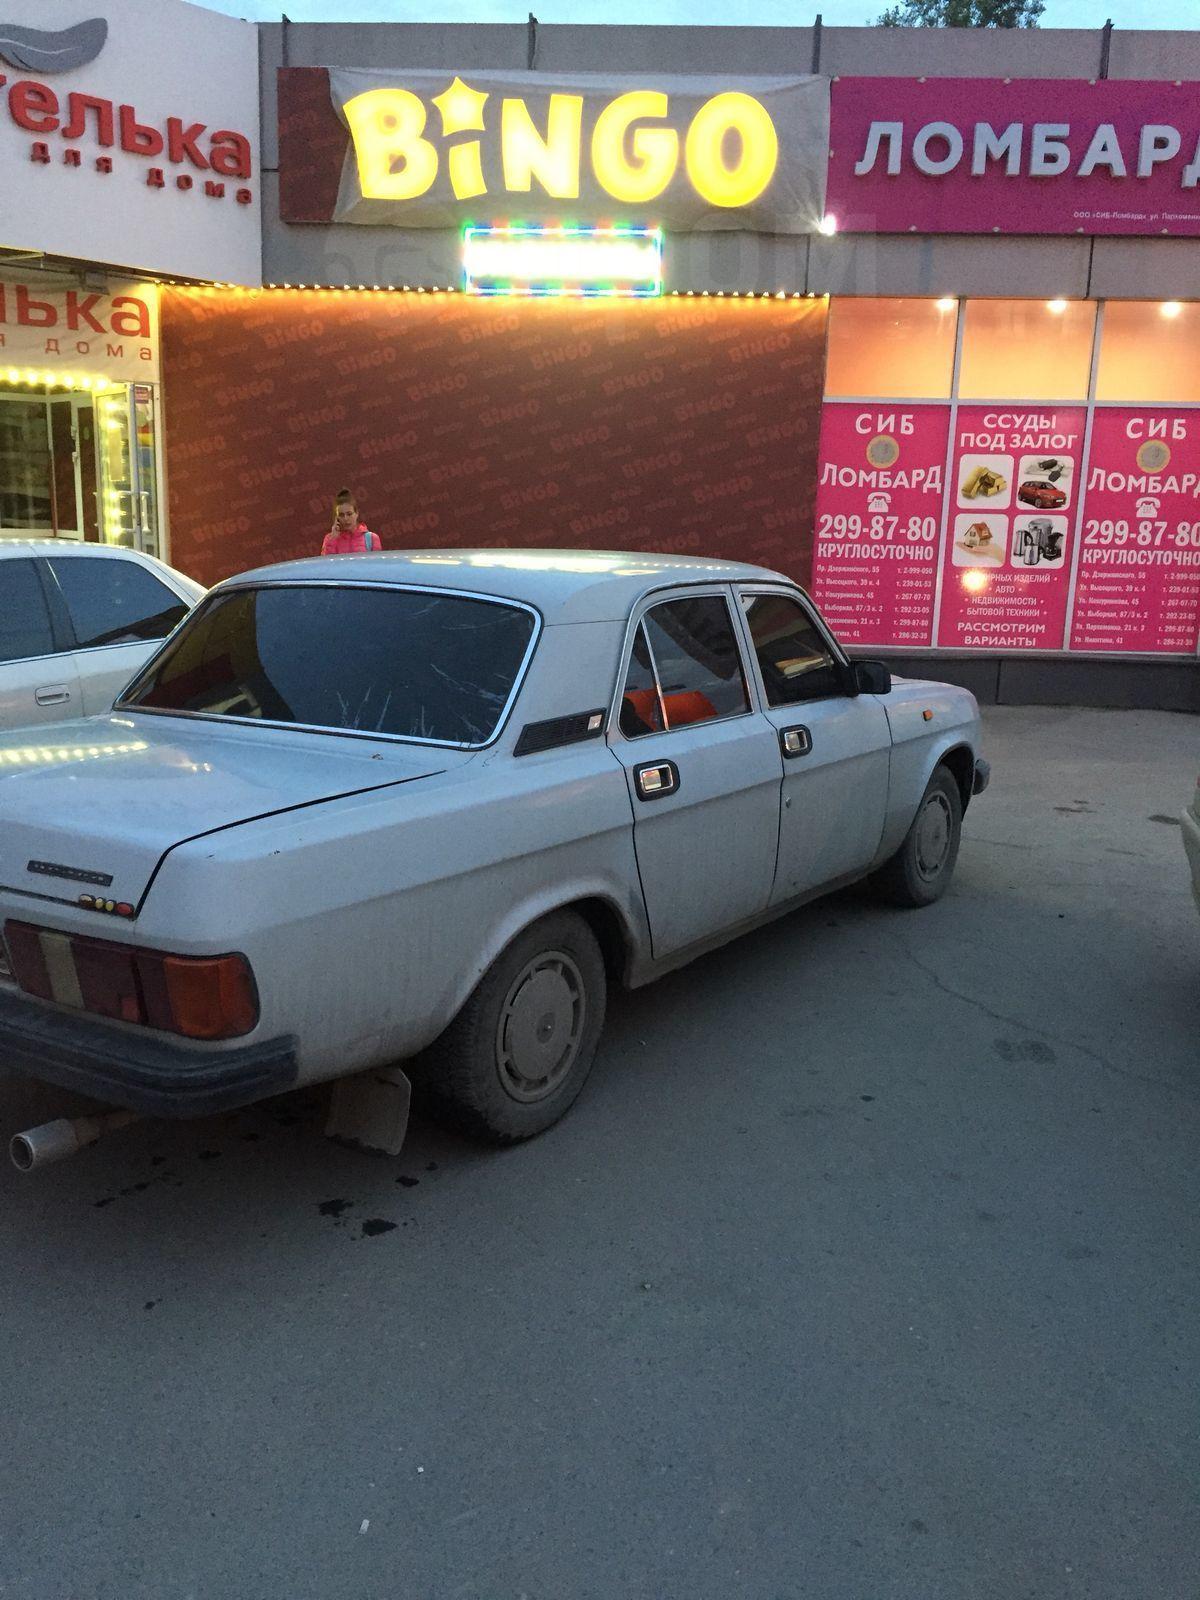 Продажа из ломбарда авто в новосибирске автосалон тойота б у в москве